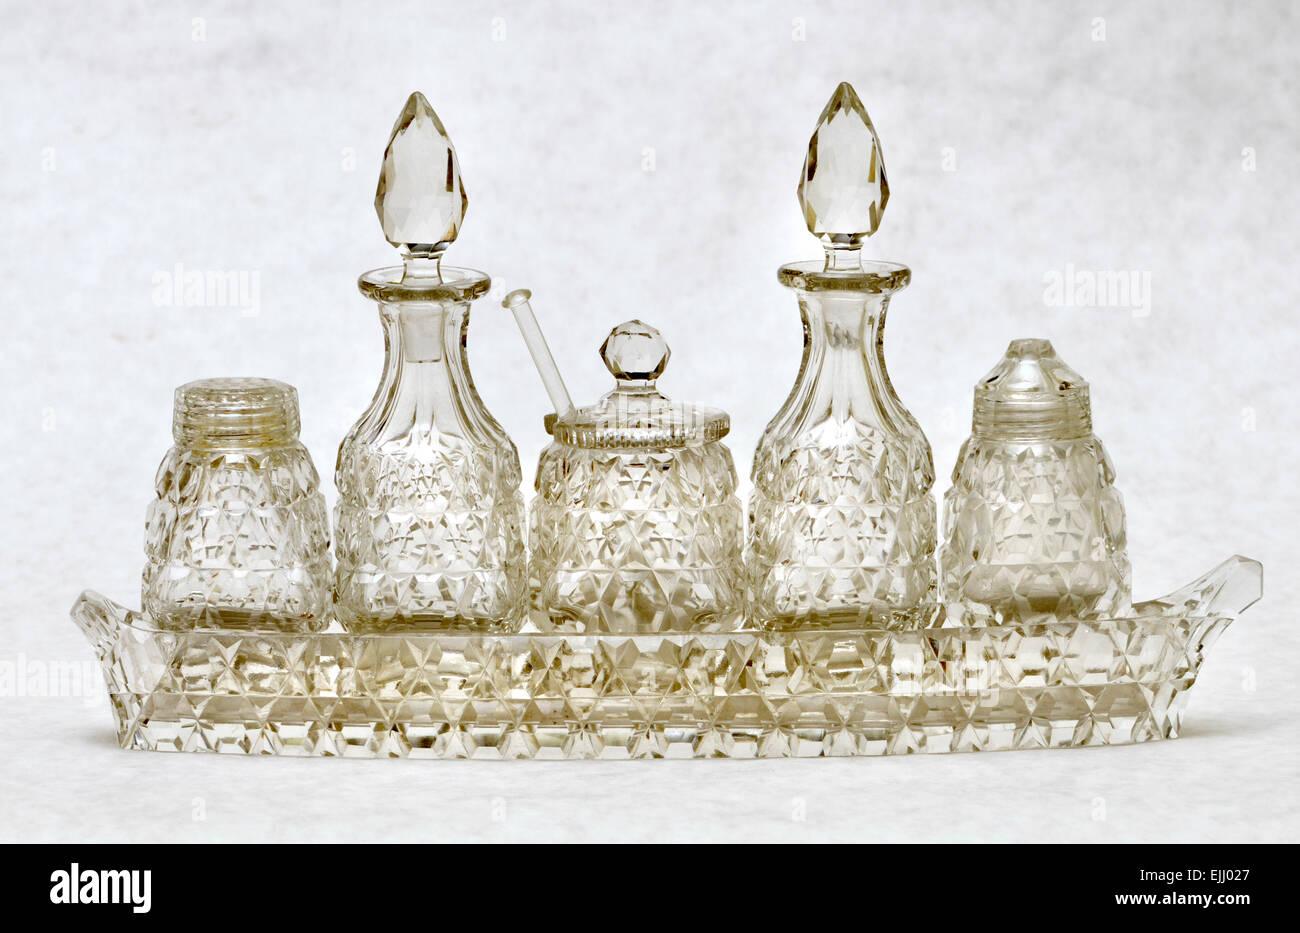 Cut glass cruet set with salt, pepper, mustard, oil and dressing pots - Stock Image